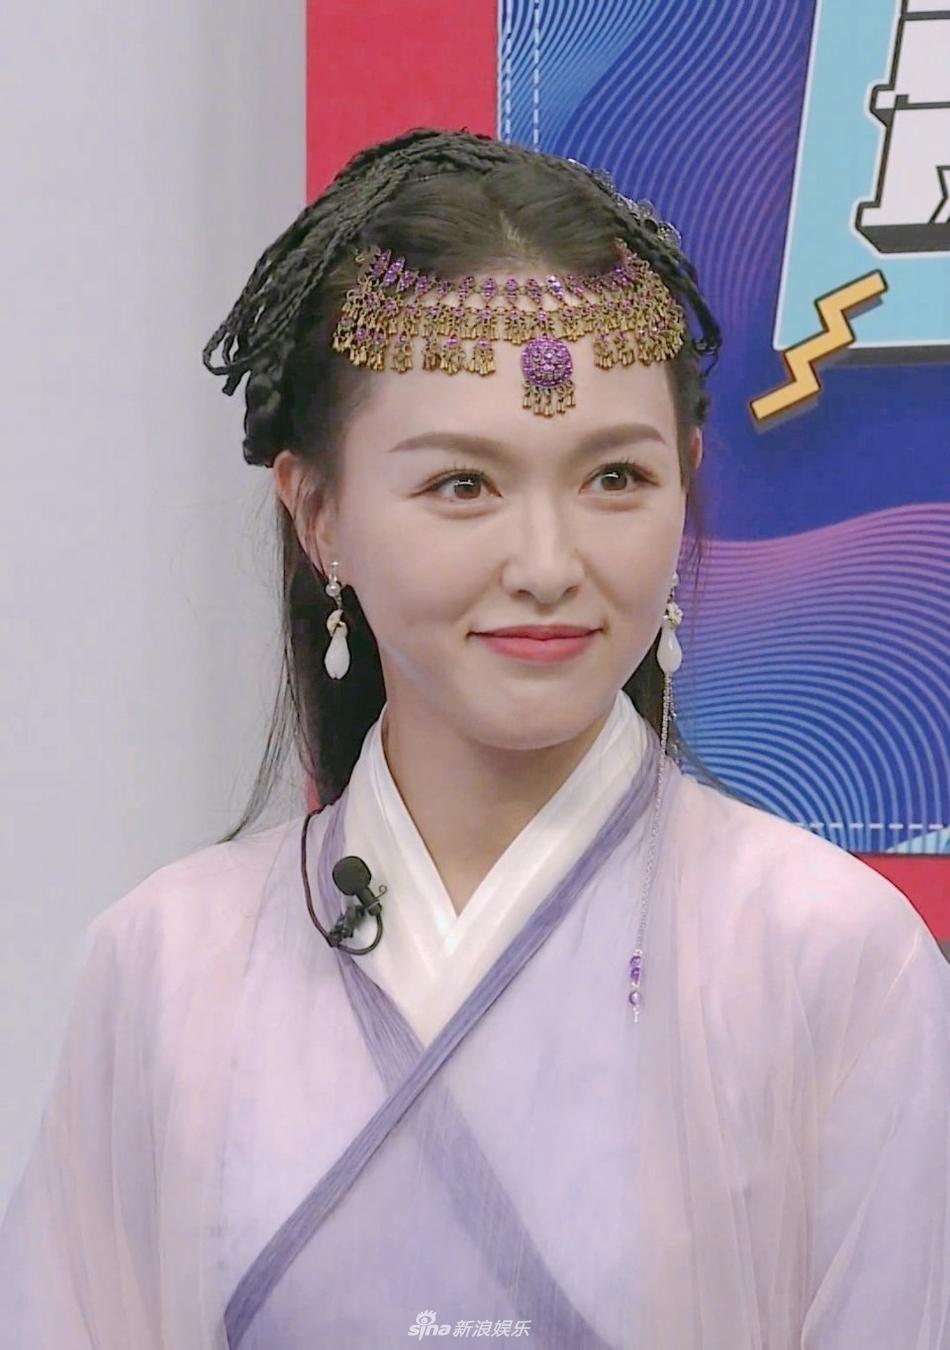 组图:唐嫣时隔11年再扮仙剑3紫萱 冻龄美貌毫无变化